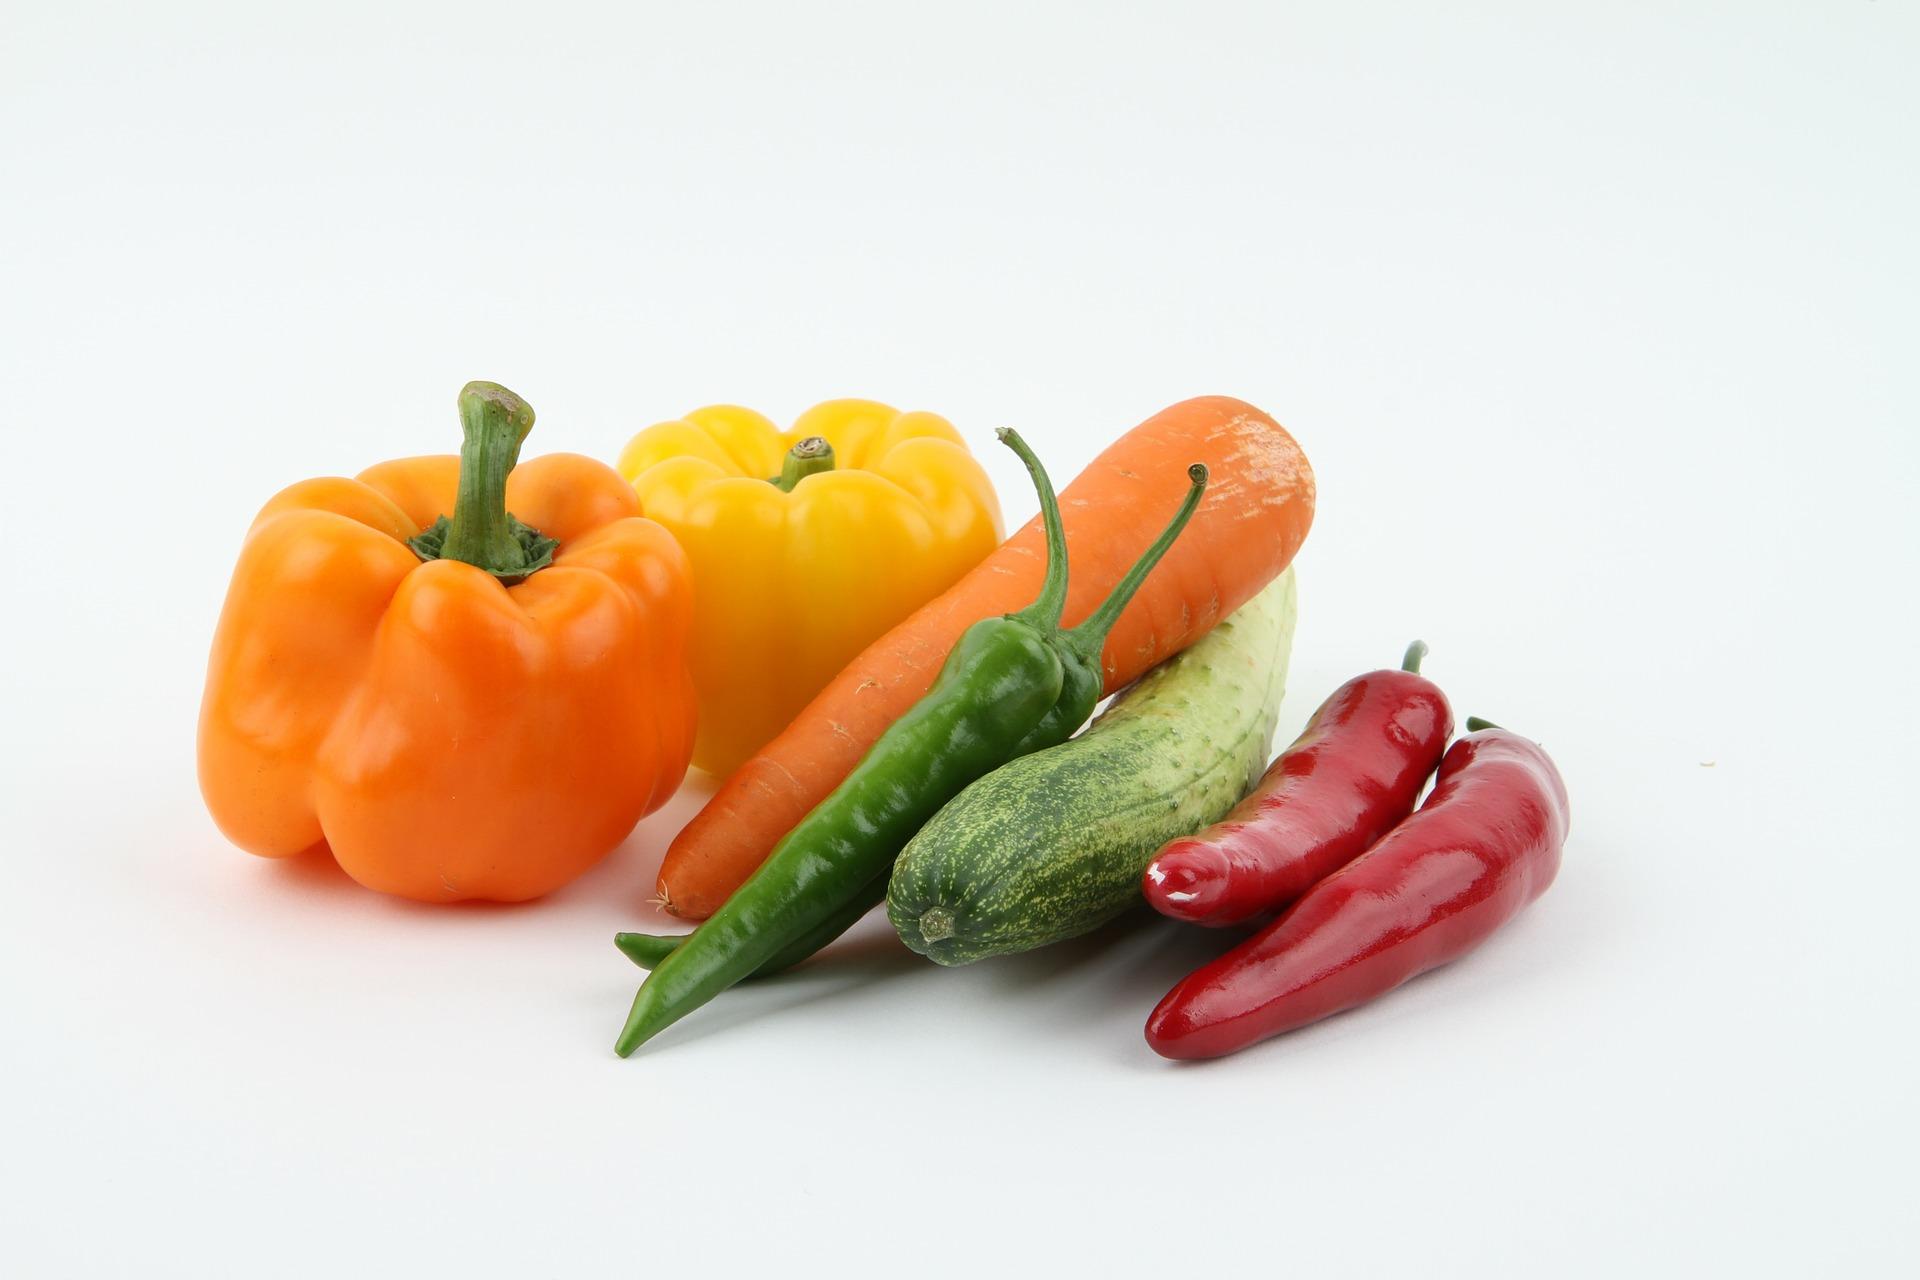 vegetables-155715_1920